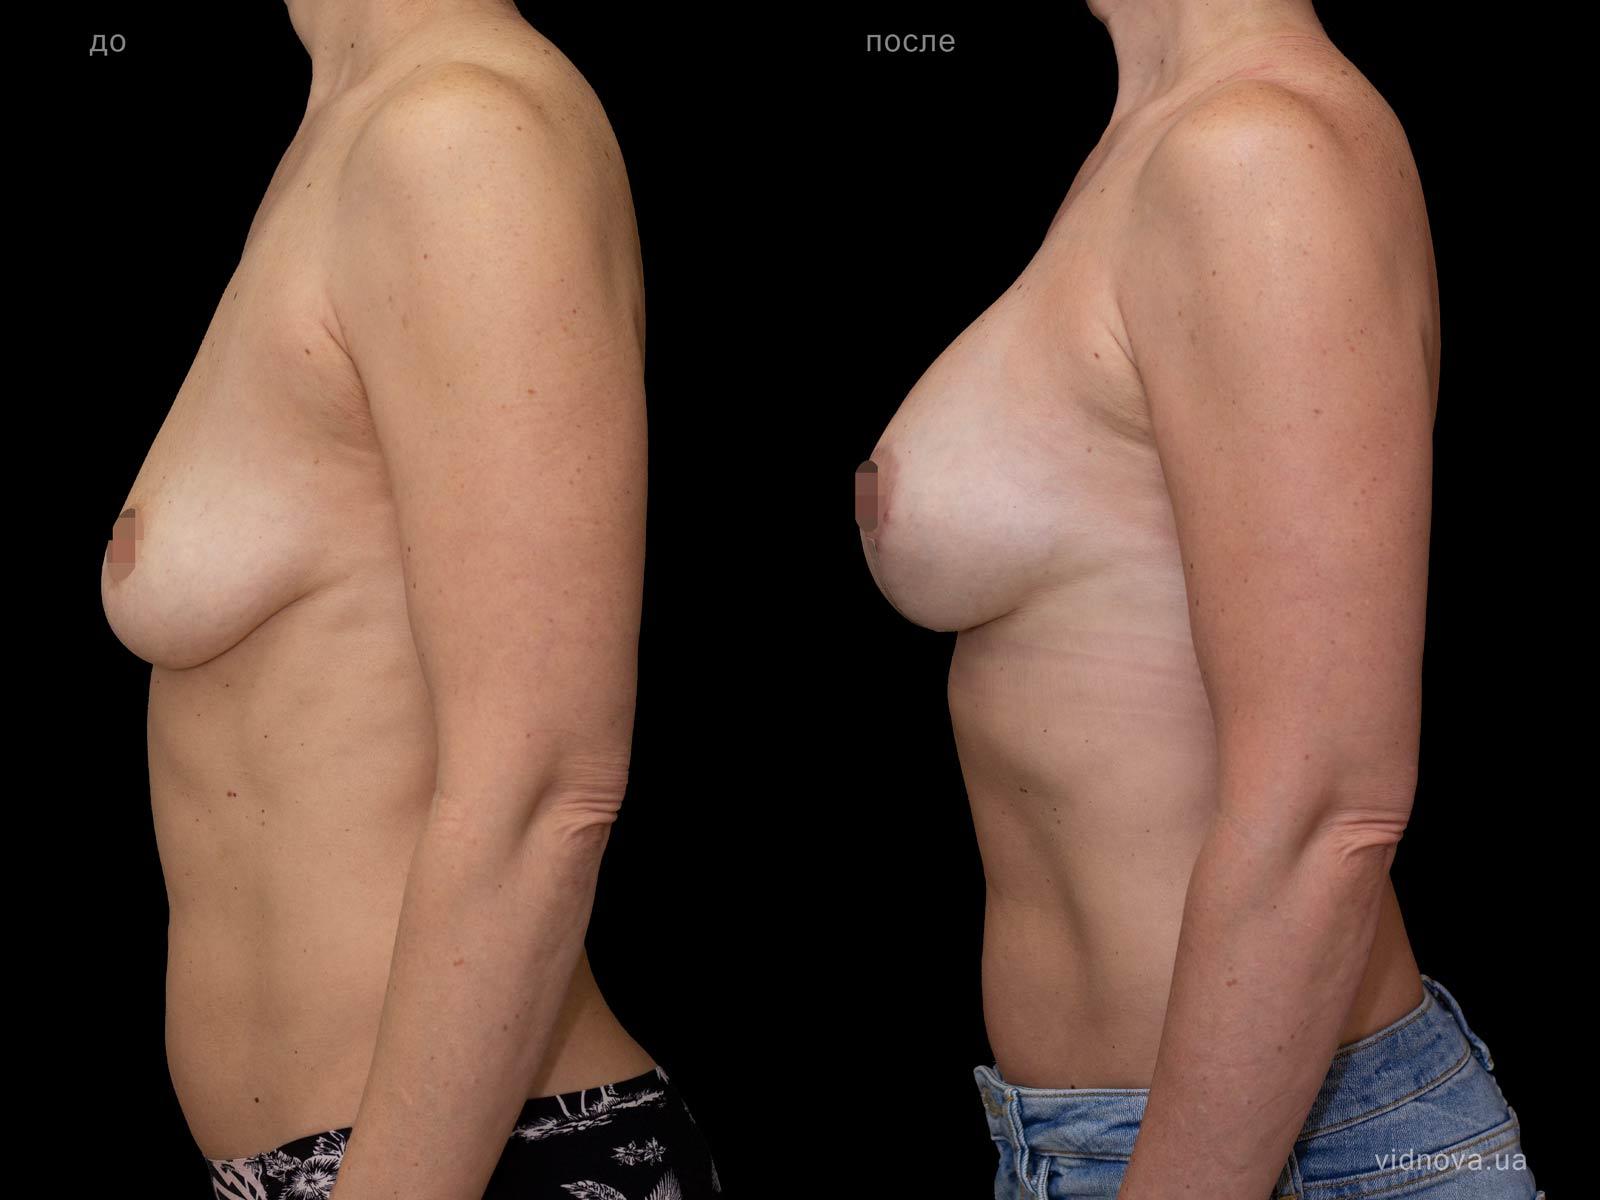 Пластика груди: результаты до и после - Пример №87-2 - Светлана Работенко